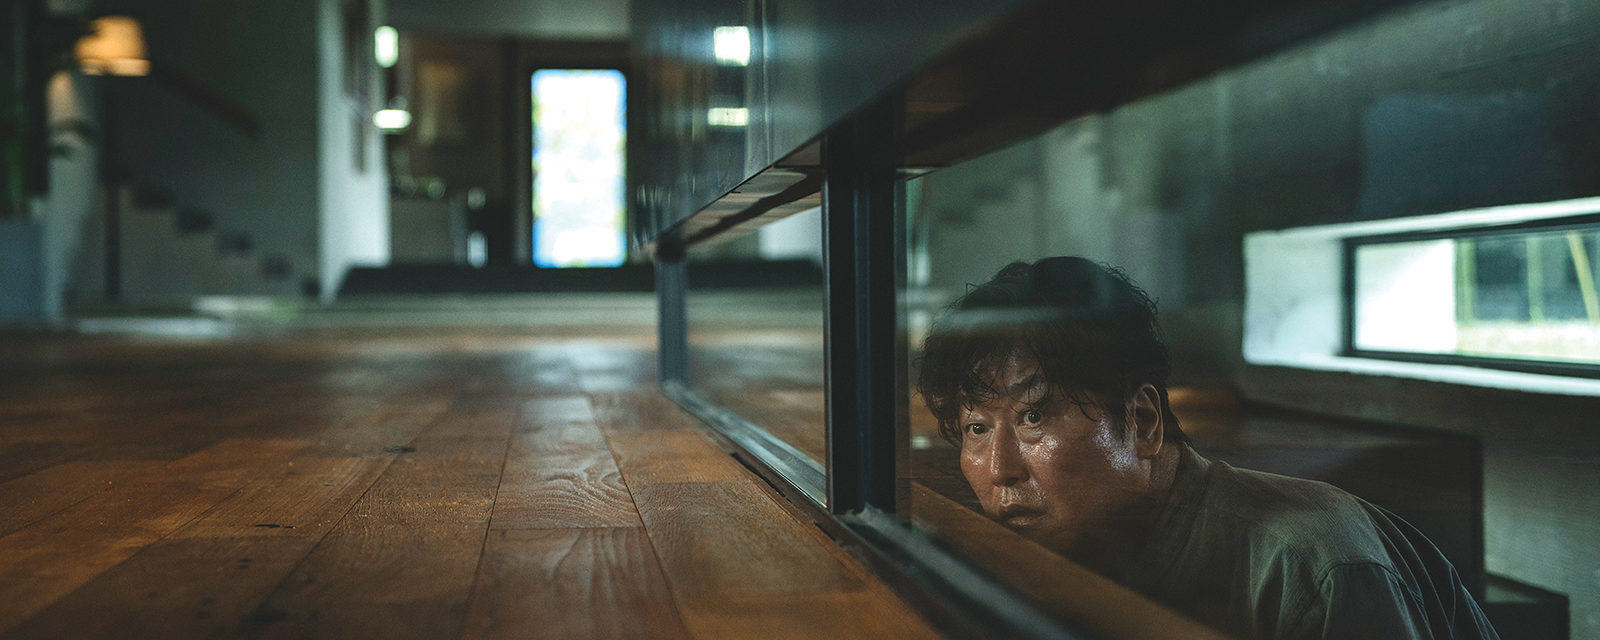 """""""Kỳ tích châu Á"""" Parasite: Tấn bi hài châm biếm thời đại đưa lịch sử điện ảnh sang trang mới - Ảnh 9."""